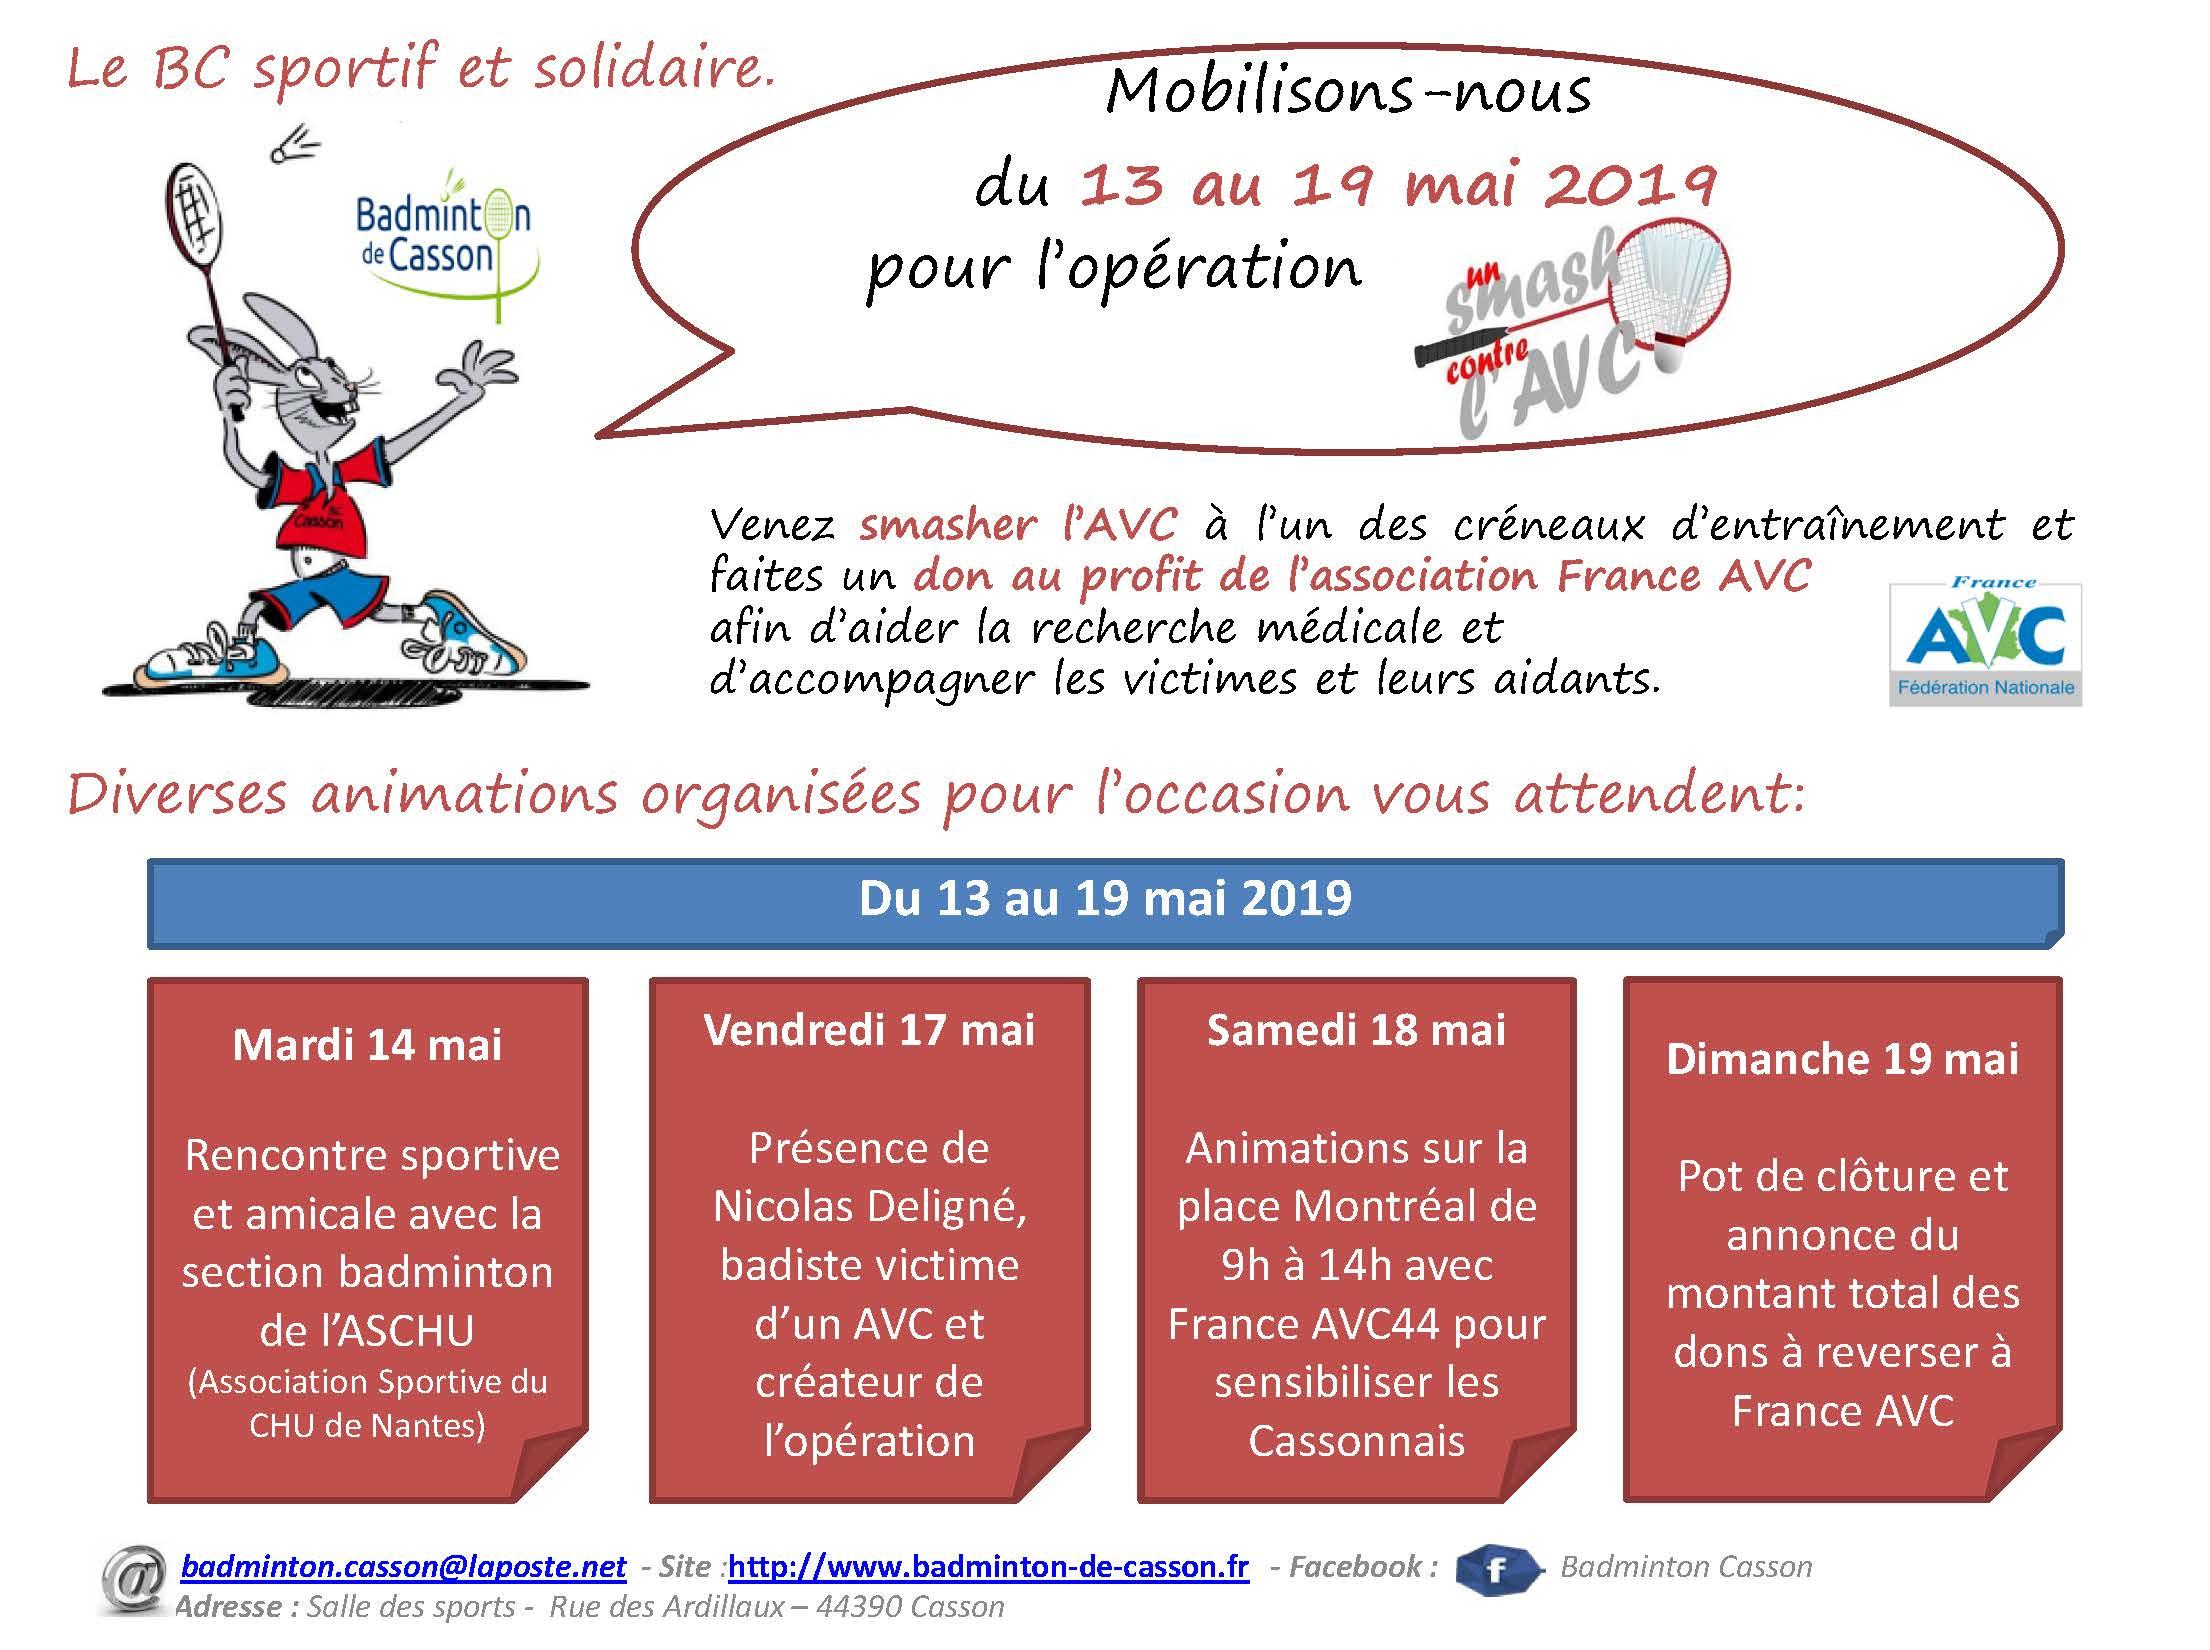 Animations semaine Opération - Un smash contre l'AVC du 13 au 19 mai (1)